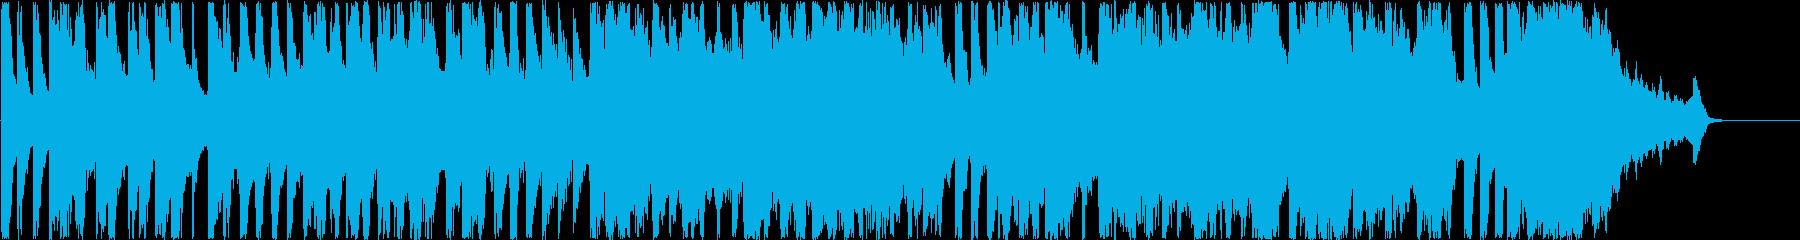 【30秒】アップテンポほんわかコンセプトの再生済みの波形